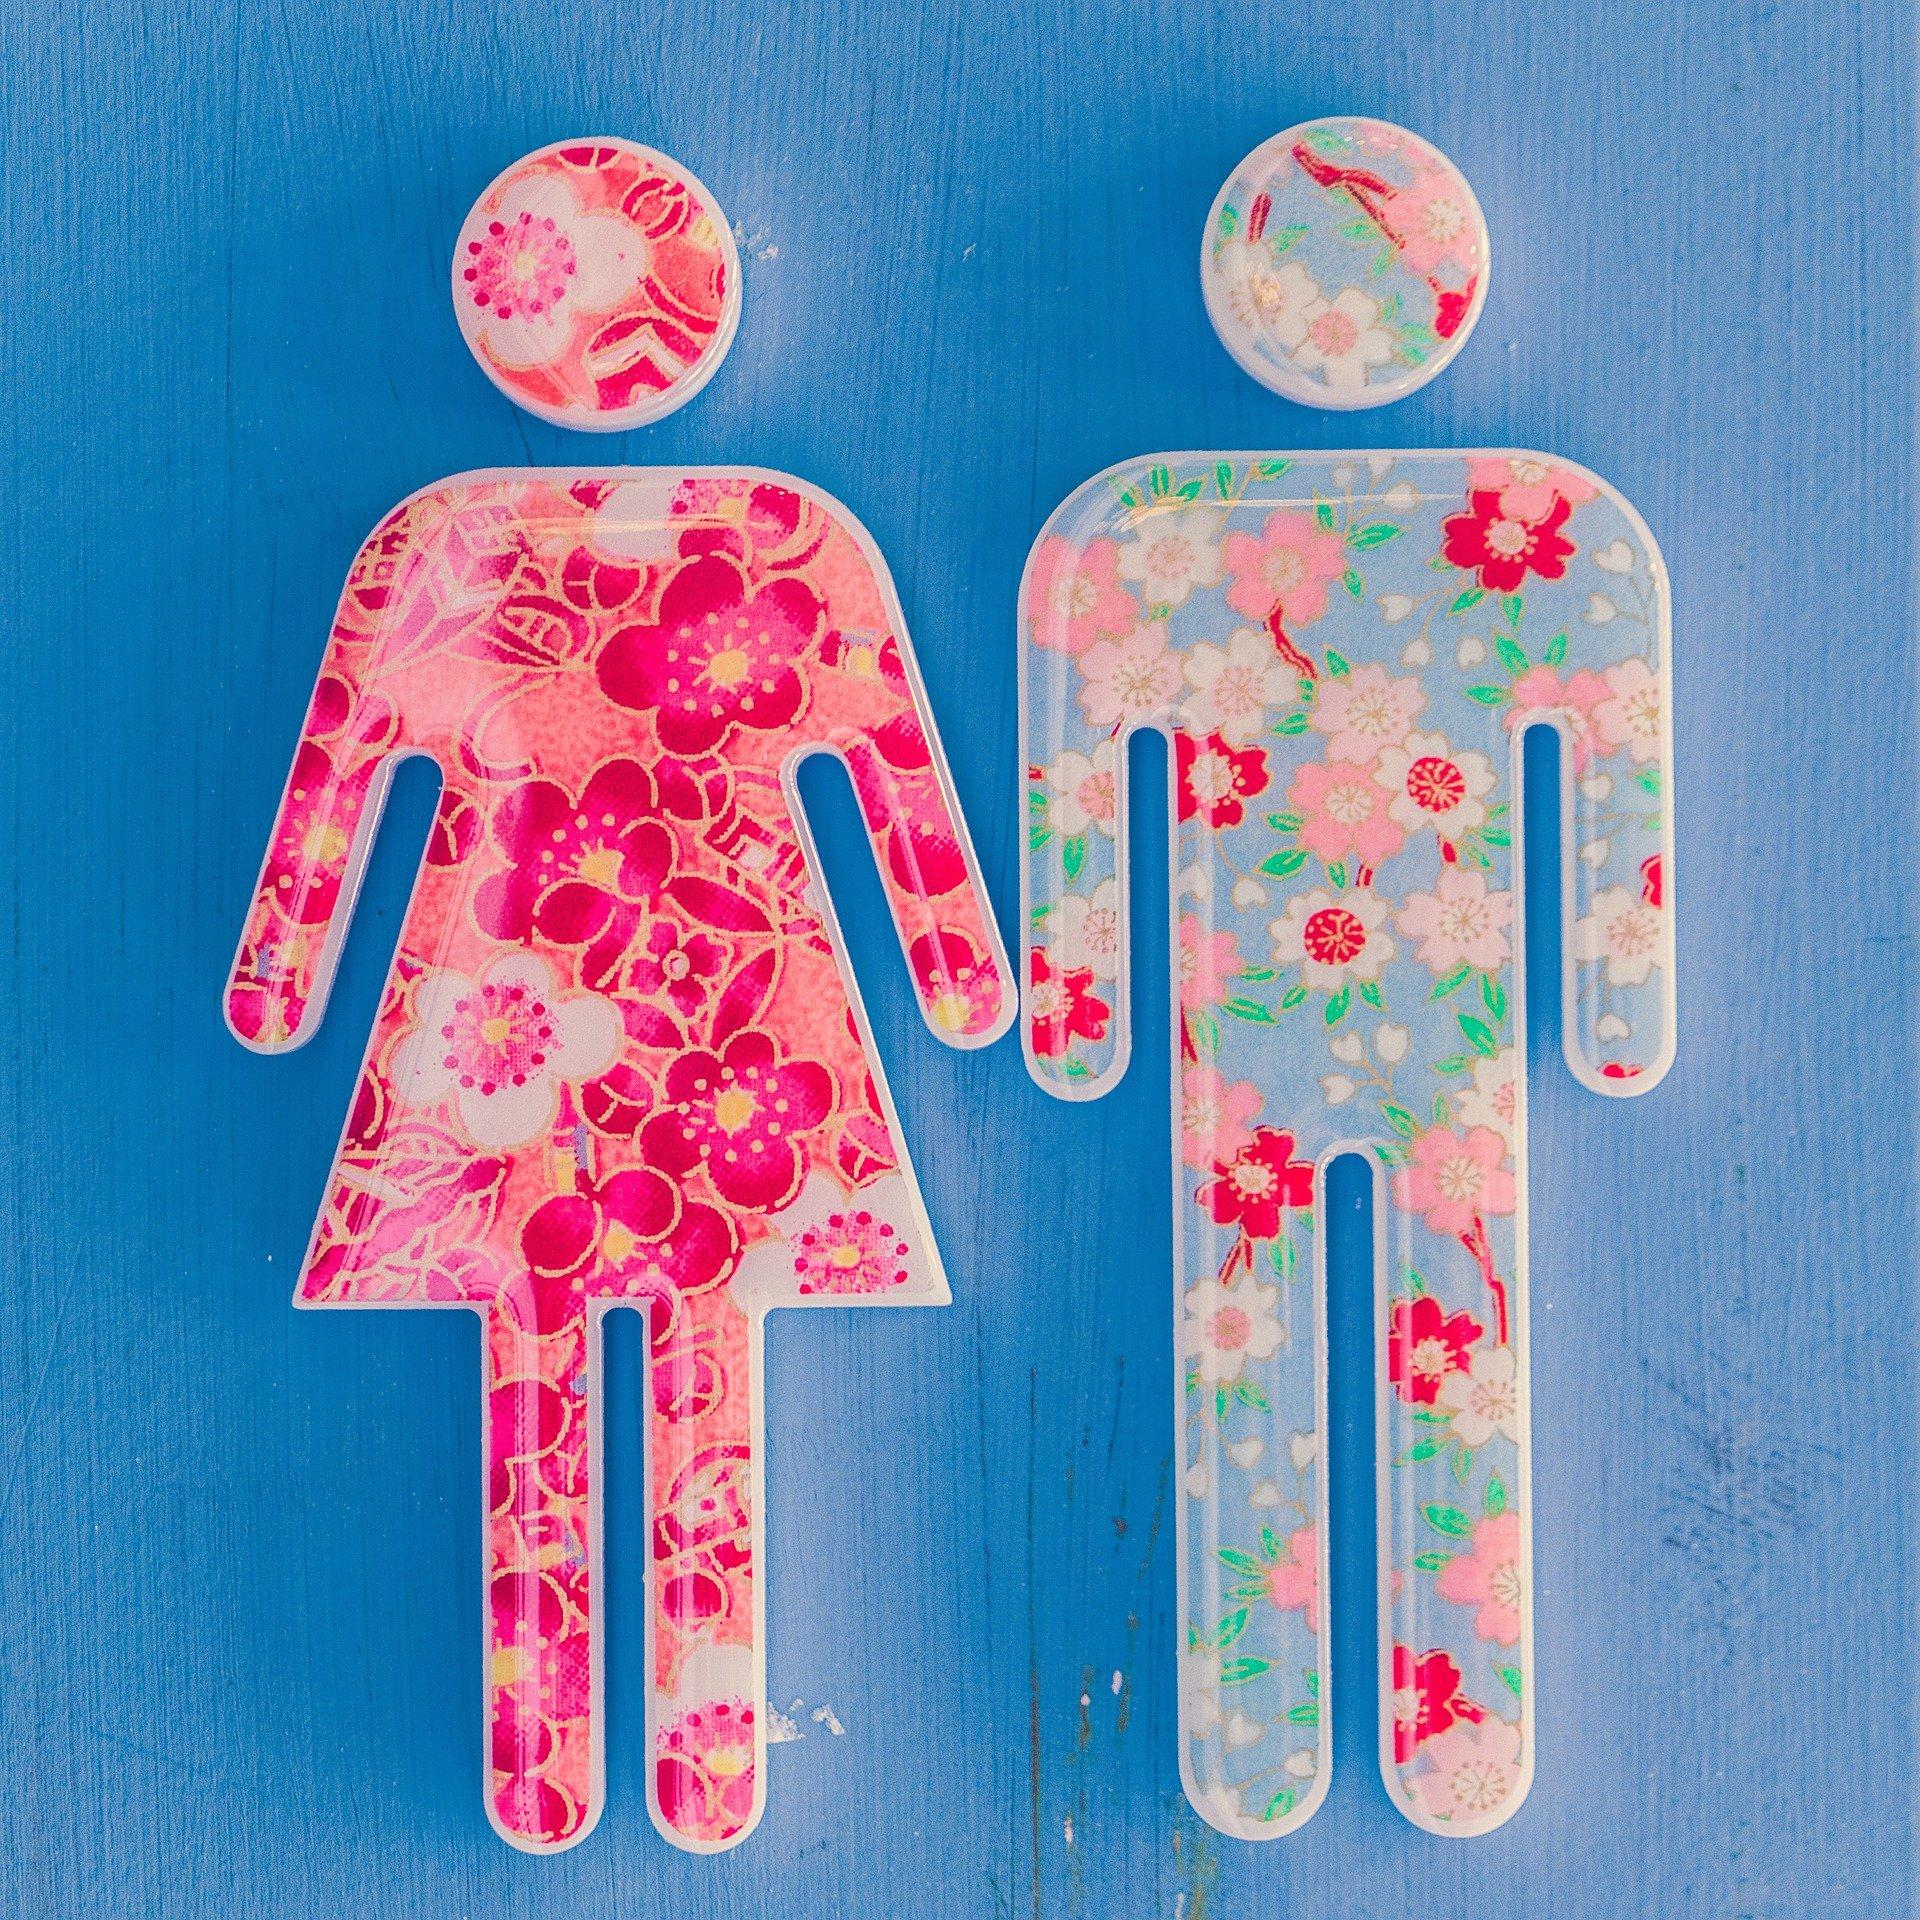 omini stilizzati della toilette colorati